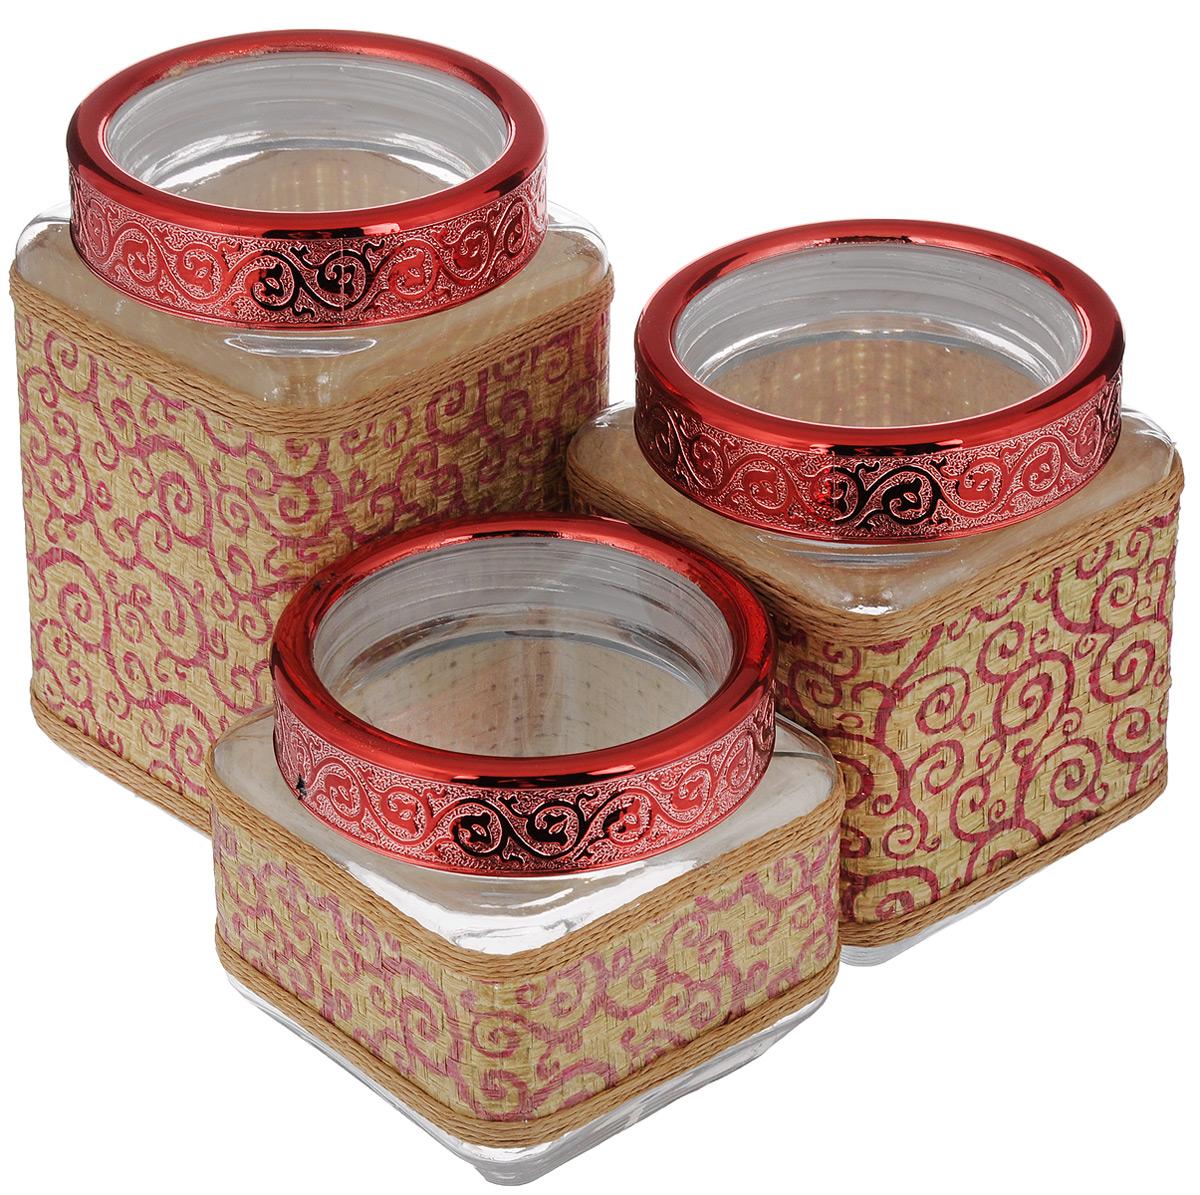 Набор банок для сыпучих продуктов Mayer & Boch, 3 шт. 25509VT-1520(SR)Набор Mayer & Boch состоит из трех банок разного объема, предназначенных для хранения сыпучих продуктов. Банки выполнены из высококачественного стекла и декорированы оригинальными вставками из соломы и полиуретана. Крышки из АБС пластика декорированы изысканным рельефом. Банки прекрасно подходят для круп, орехов, сухофруктов, чая, кофе, сахара и других сыпучих продуктов. Герметичное закрытие позволяет сохранить продукты свежими. Оригинальный дизайн стильно дополнит интерьер кухни. Такой набор станет желанным подарком для любой хозяйки. Объем банок: 770 мл, 1,15 л, 1,6 л. Размер банок: 11 х 11 х 11 см; 11 х 11 х 15 см; 11 х 11 х 19 см.